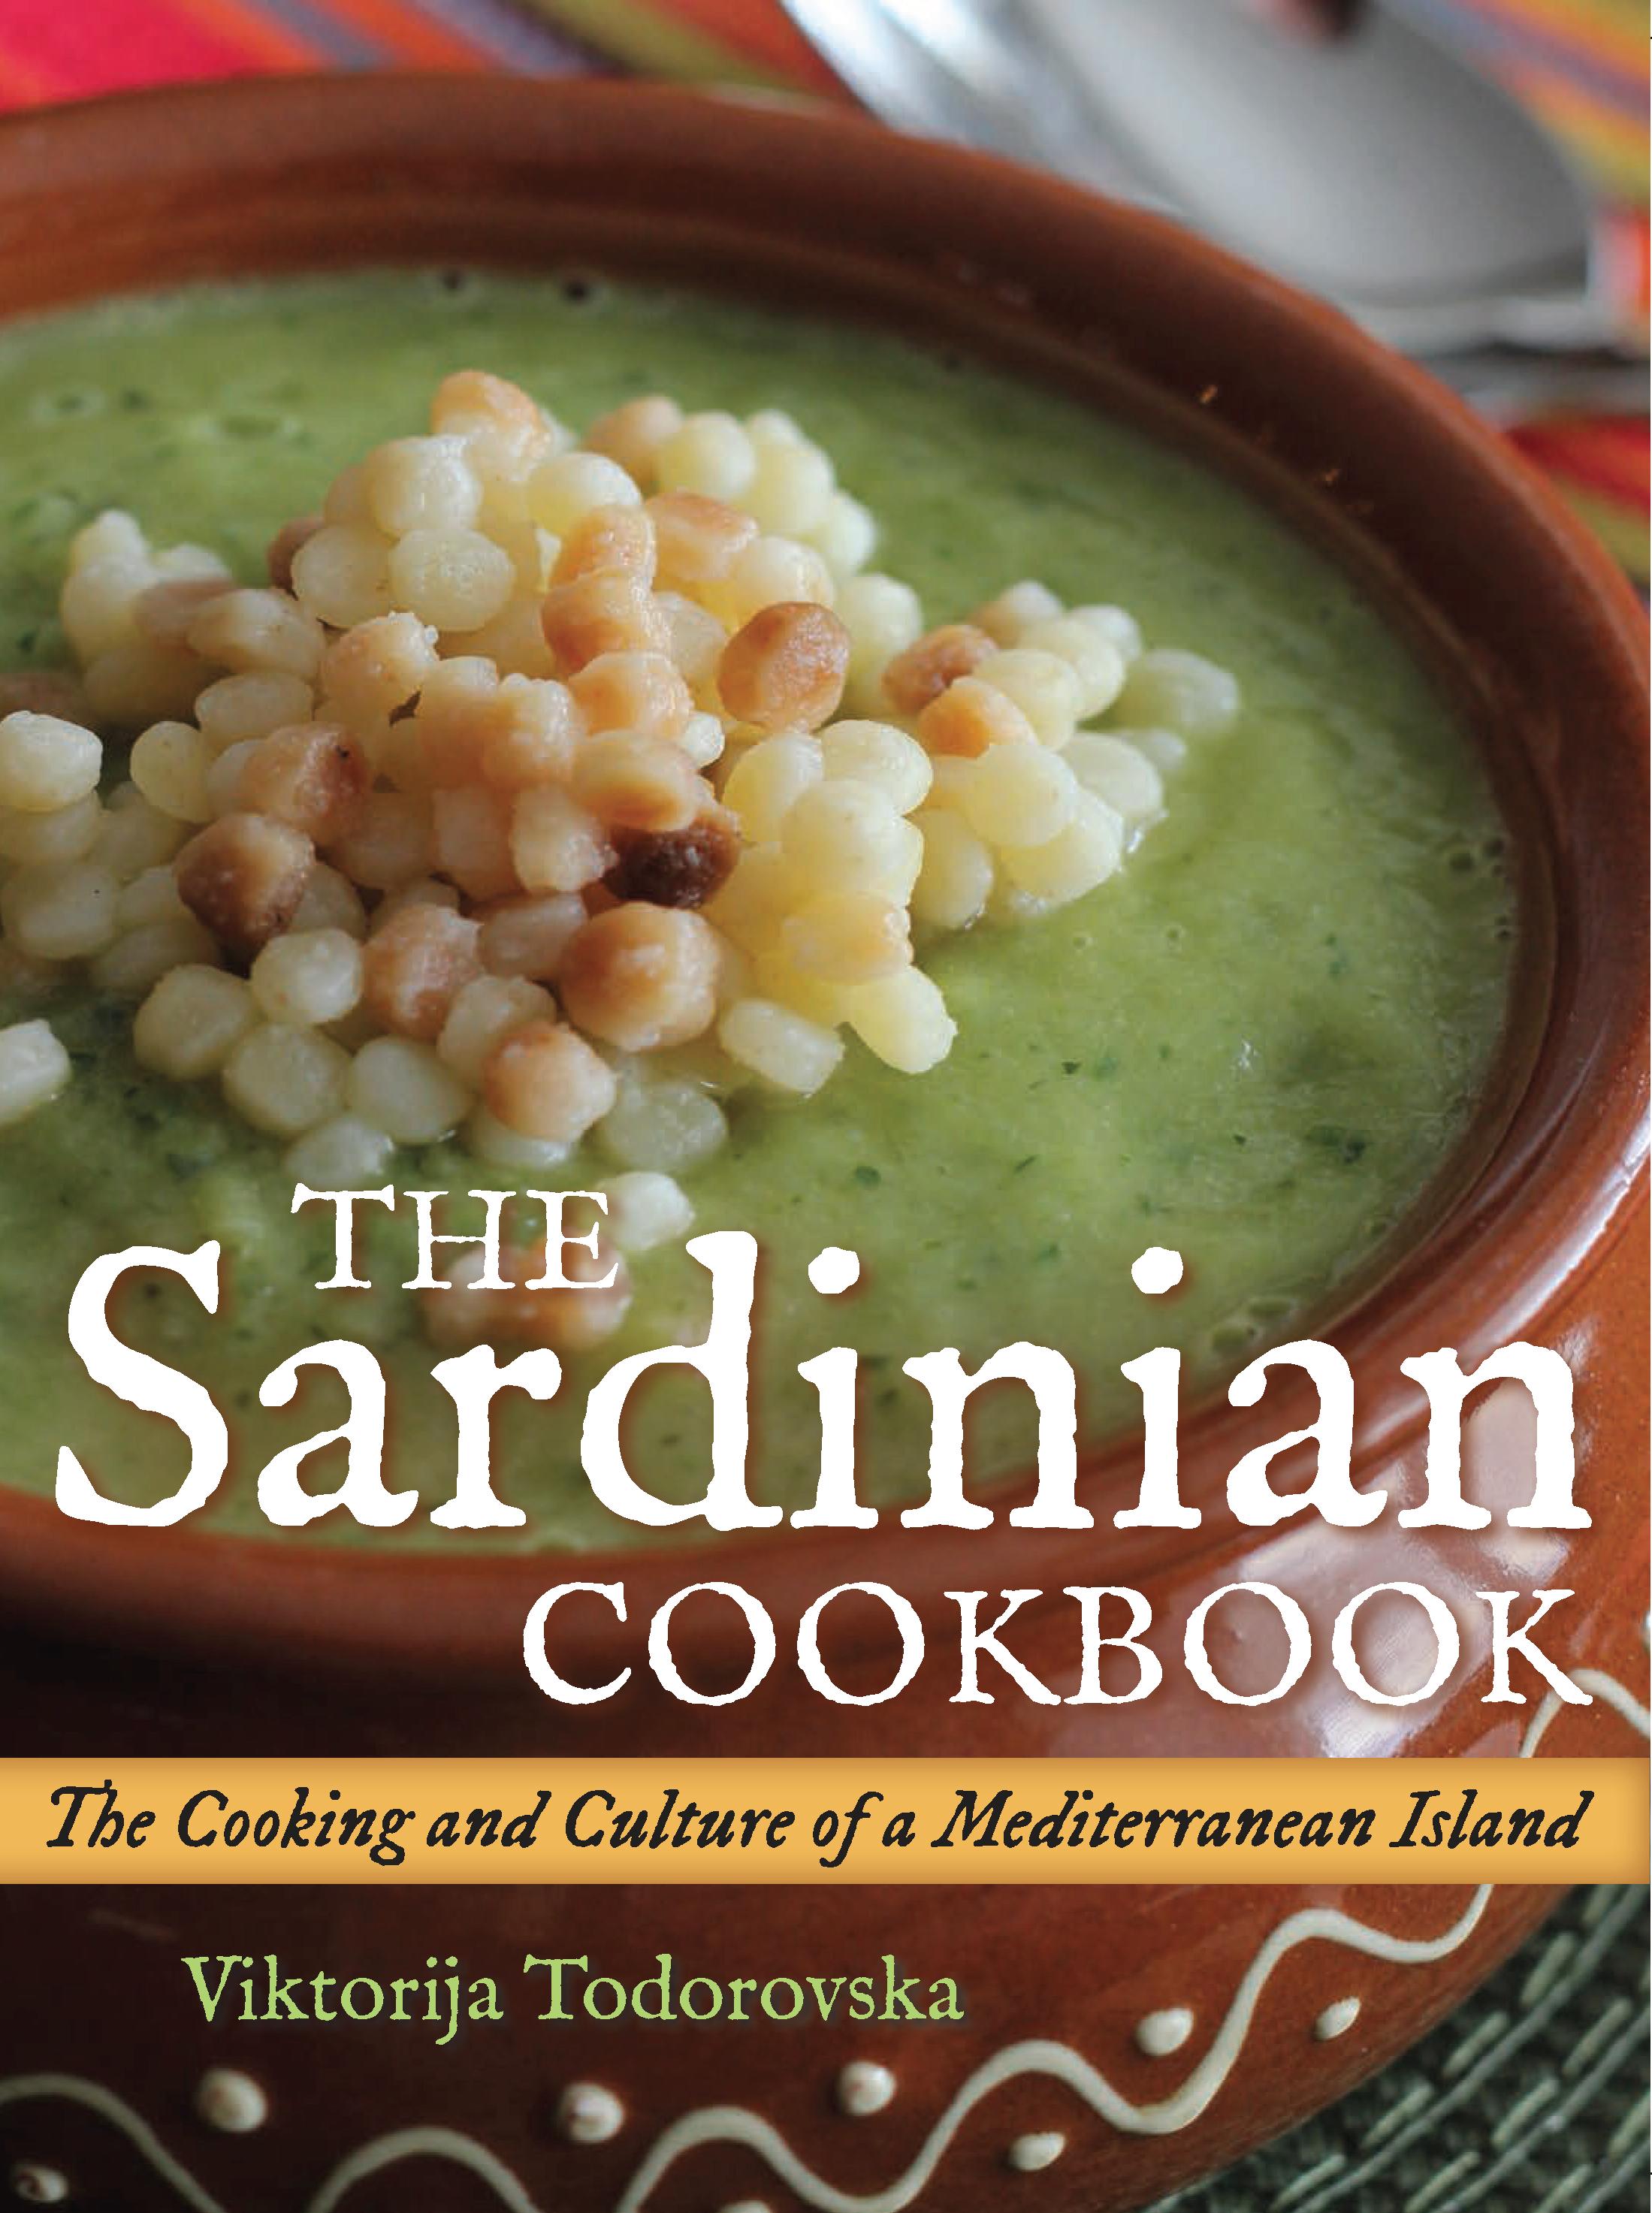 Sardinian Cookbook_Page_01.png